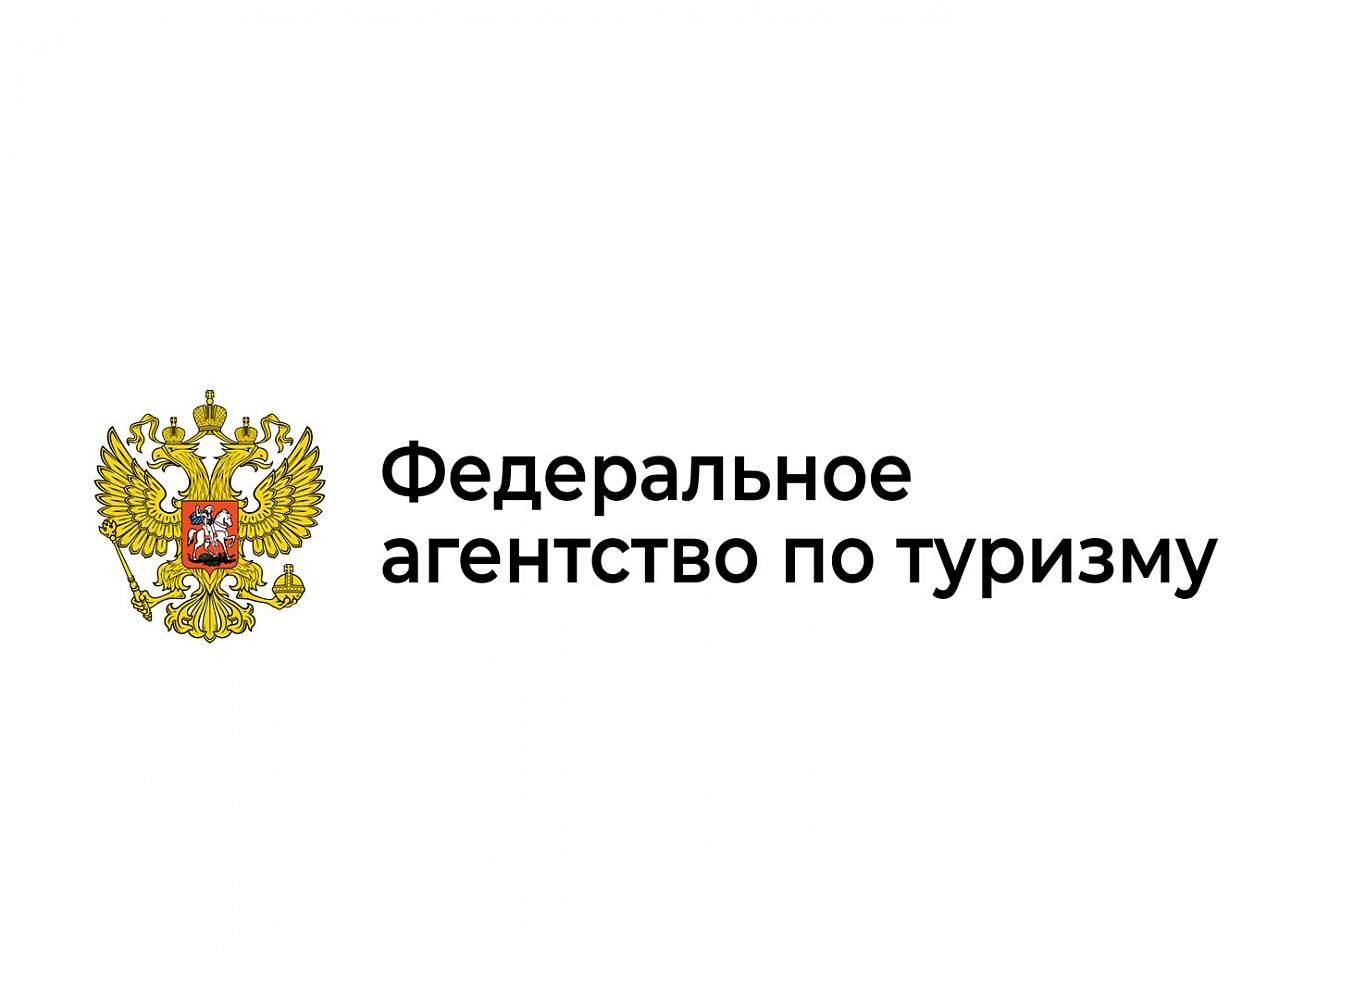 Последние новости открытия Греции в мае 2021 года туристам россиянам - важная информация сегодня